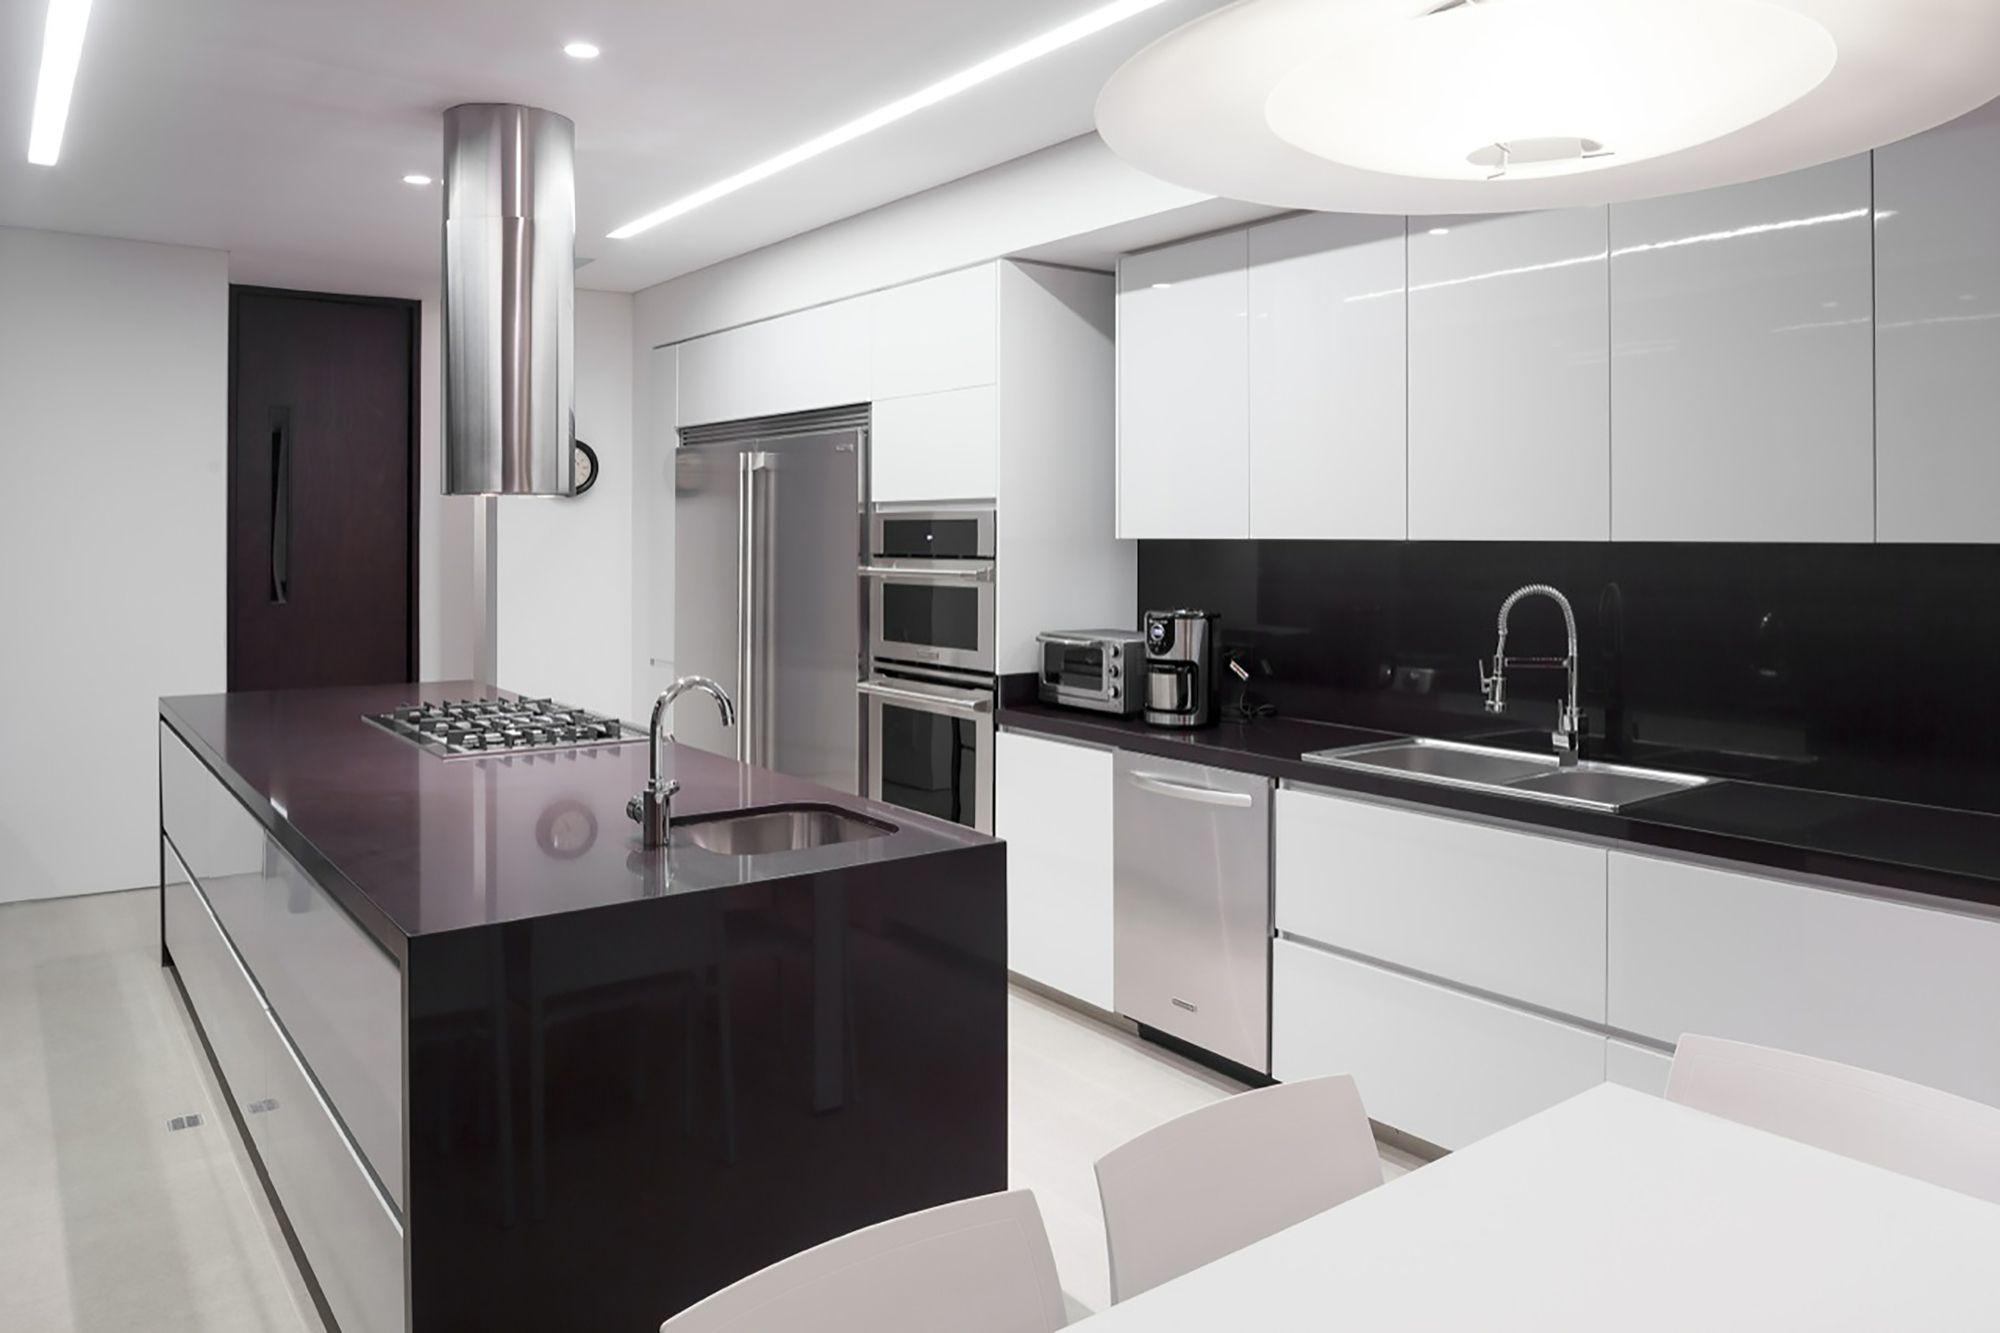 cocinas modernas con isla central pequeña - Buscar con Google ...